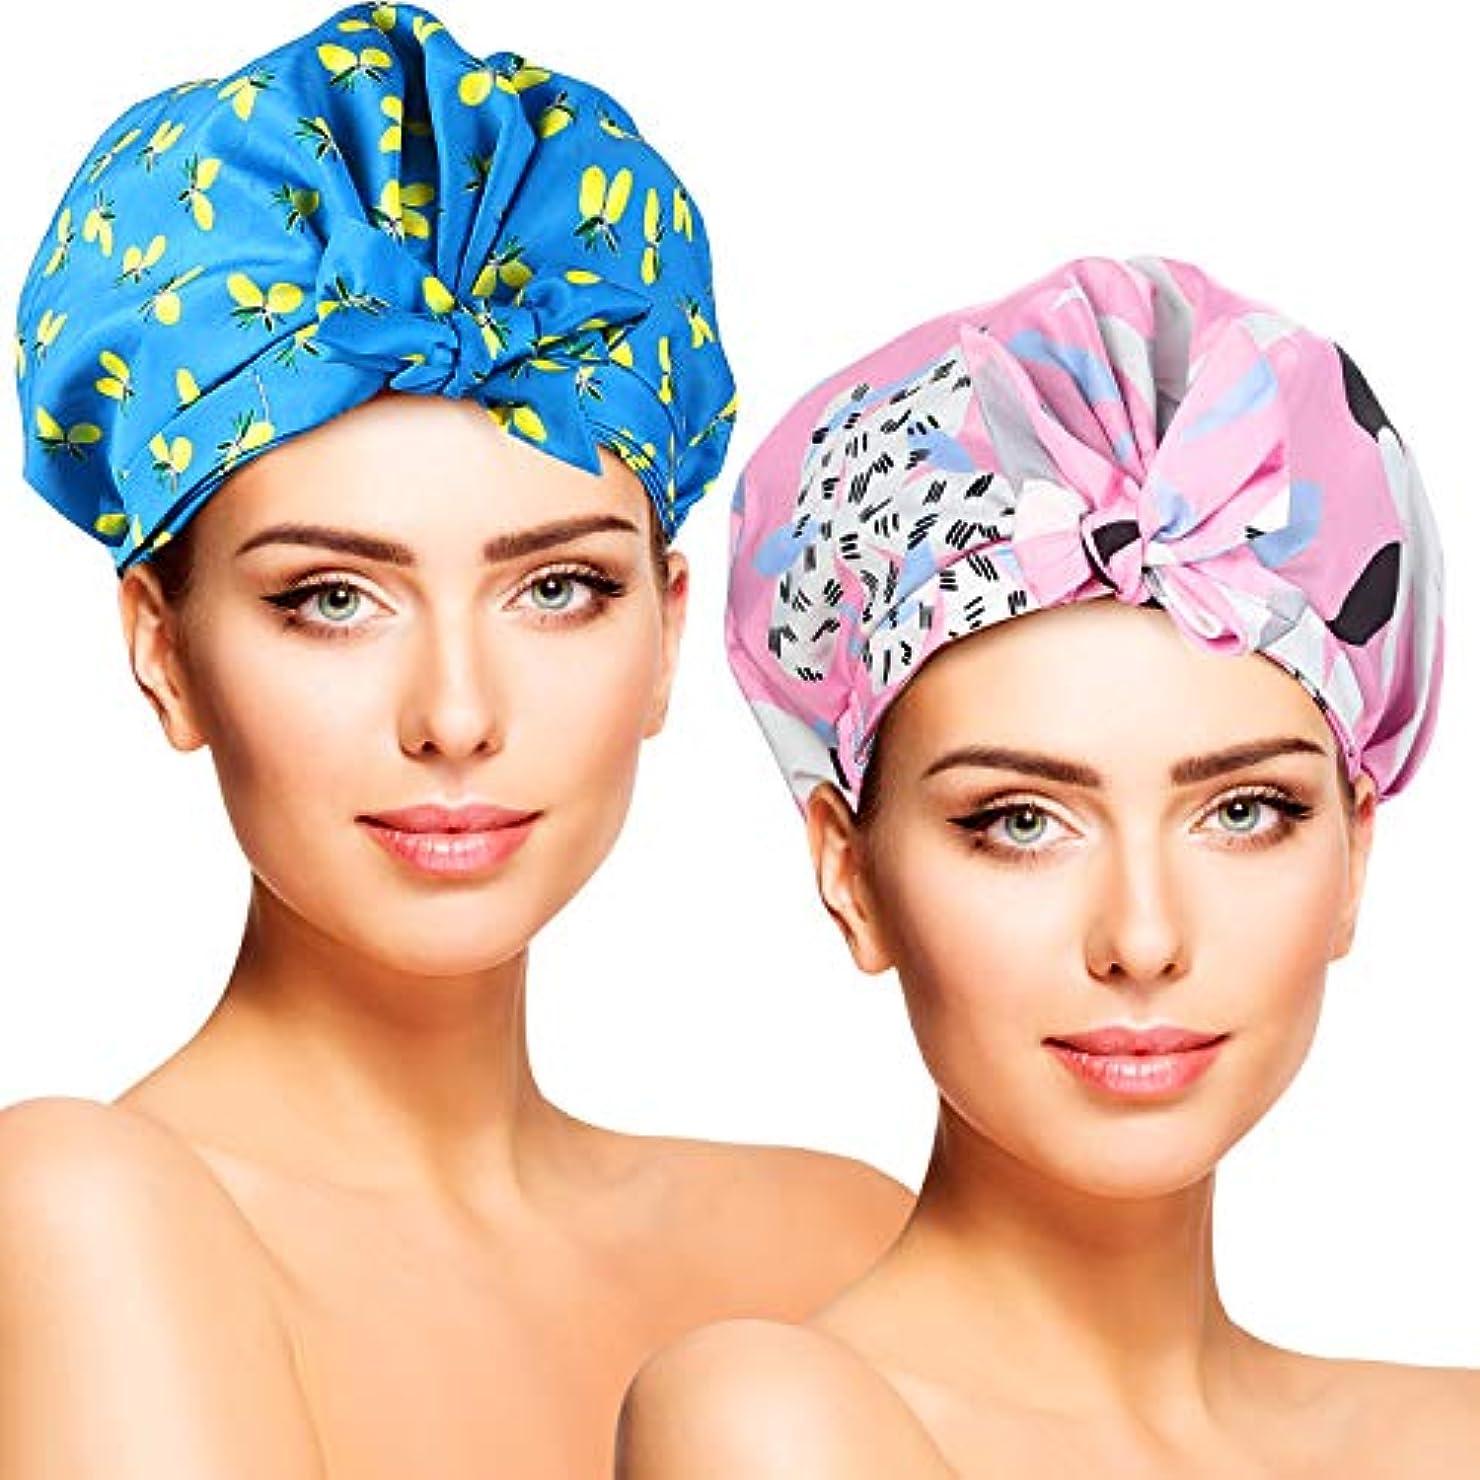 十分ではない賞賛する必要としているYISUN シャワーキャップ 2枚セット 二重層防水 耐久性 抗菌性 お風呂 シャワー SPA 調理 洗顔用 多機能 実用性 男女兼用